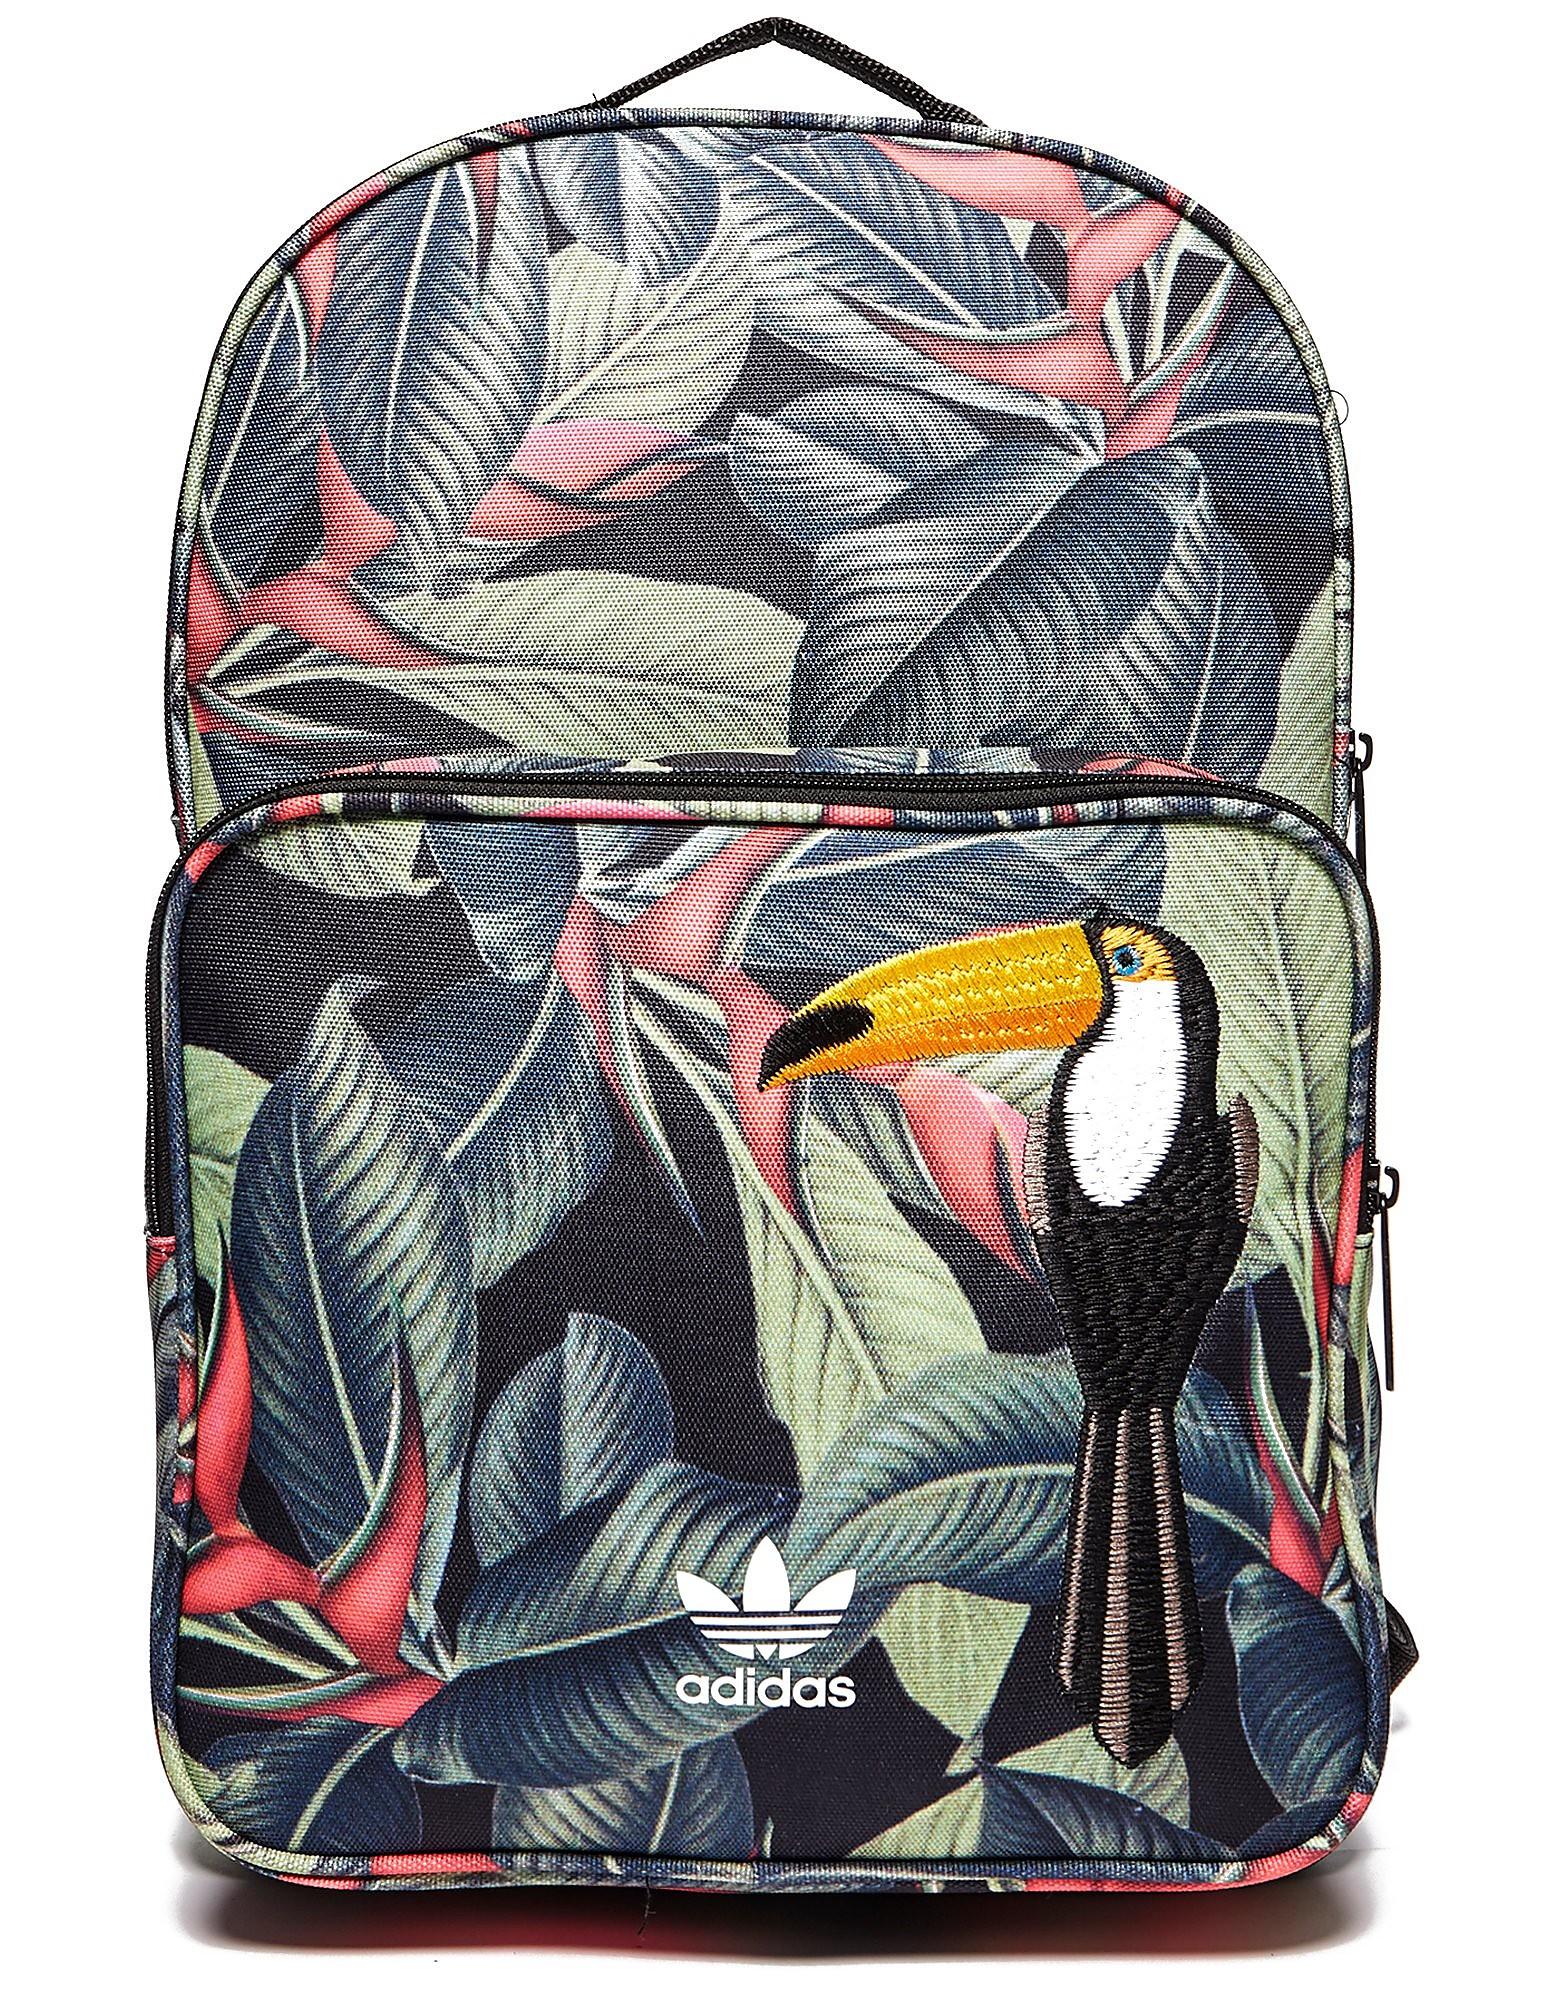 adidas Originals Classic Farm Backpack